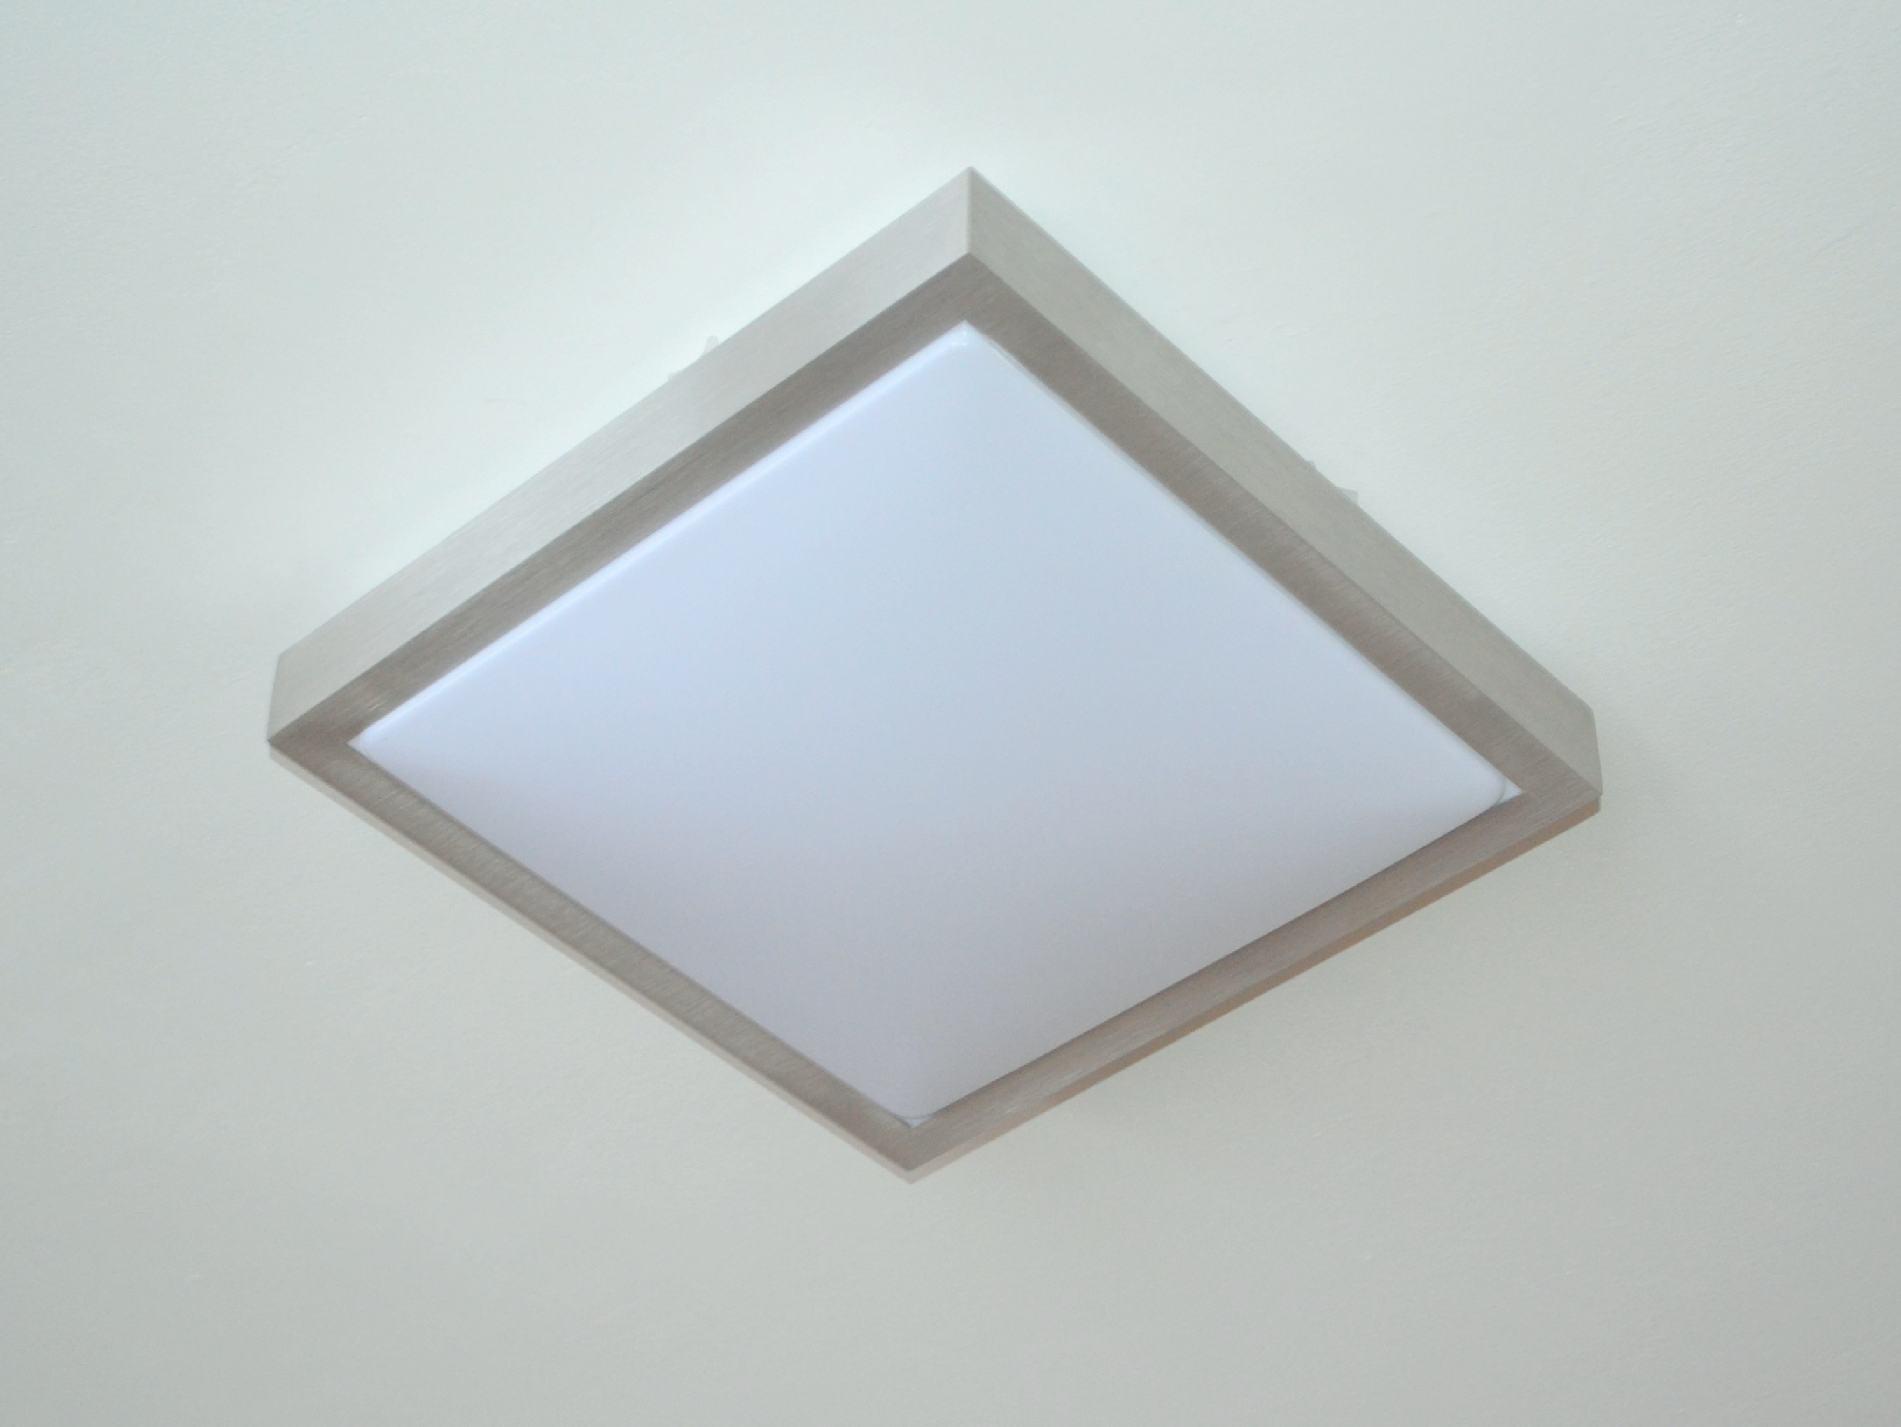 Led deckenlampe xd q12 deckenleuchte lampe leuchte 12 watt for Led deckenlampe